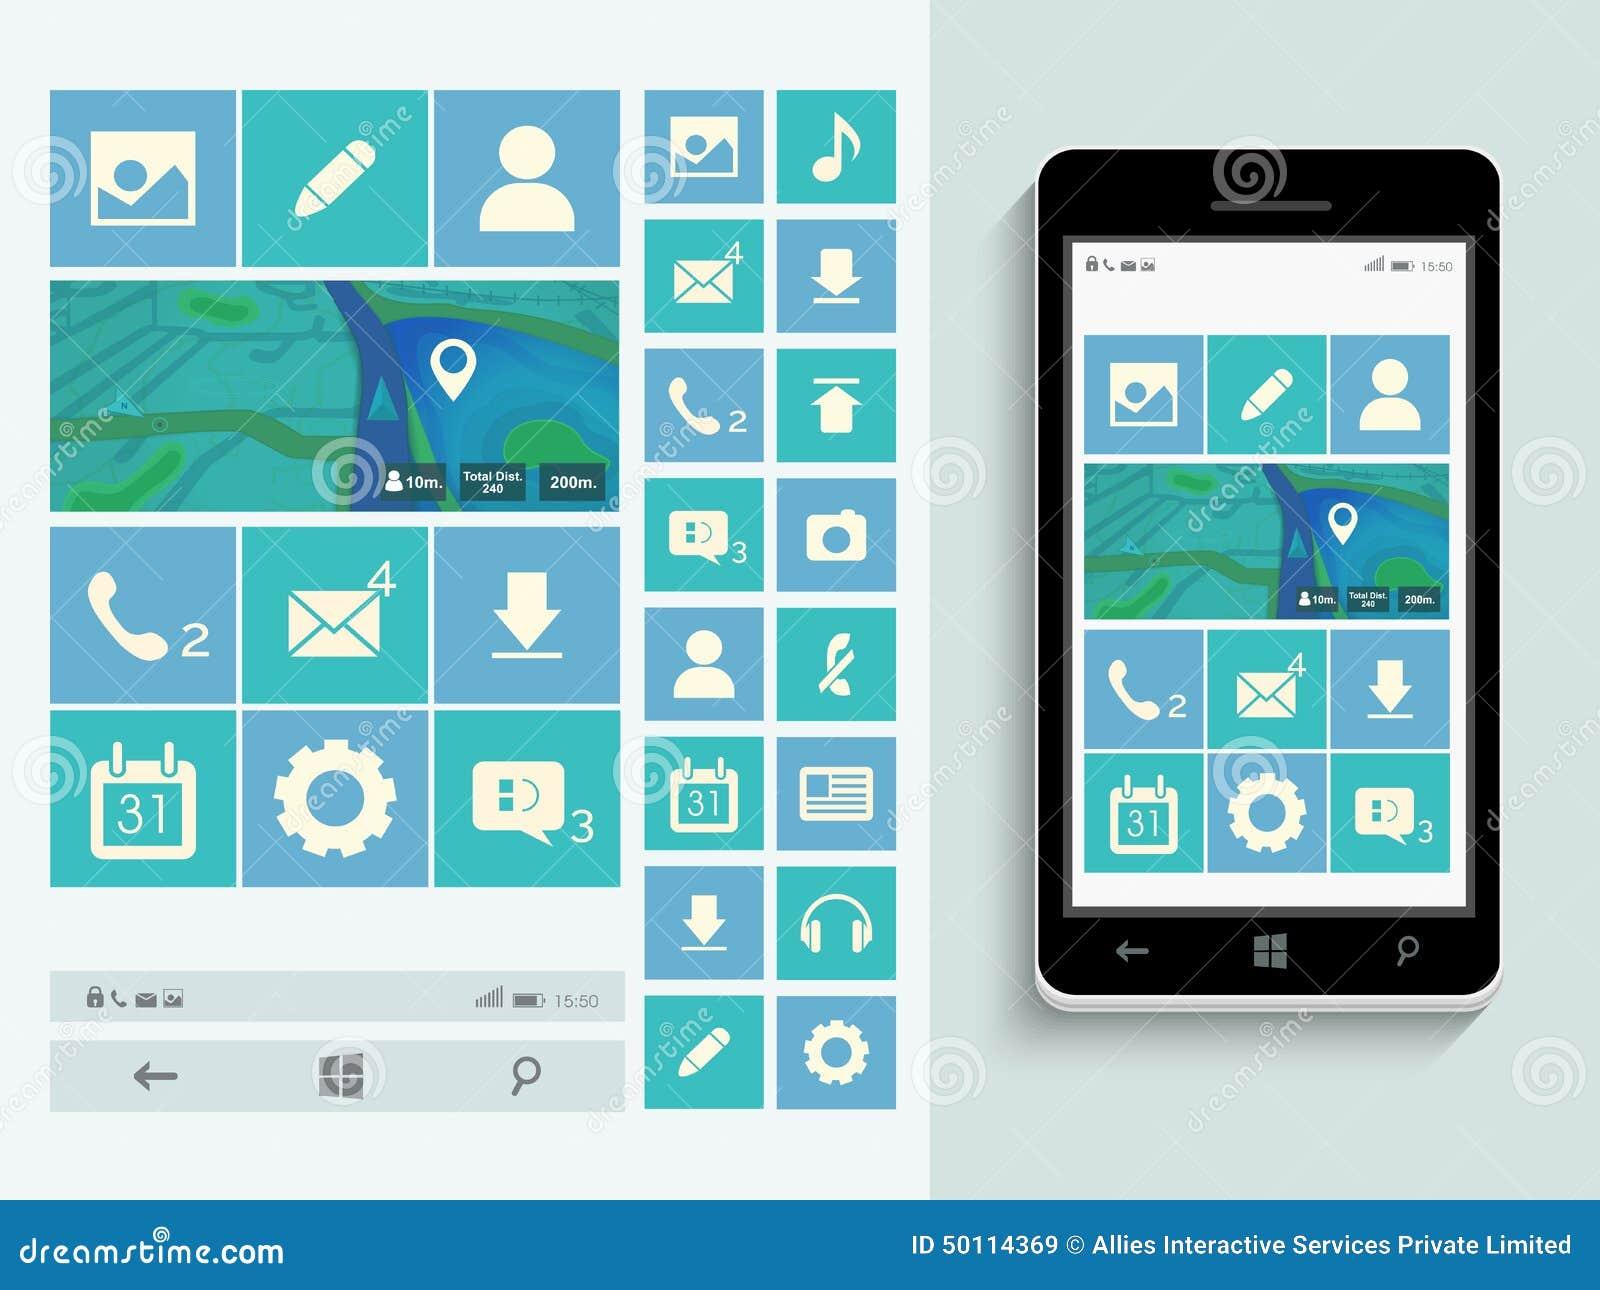 storyboard template app - plantilla elegante para la interfaz de usuario m vil stock